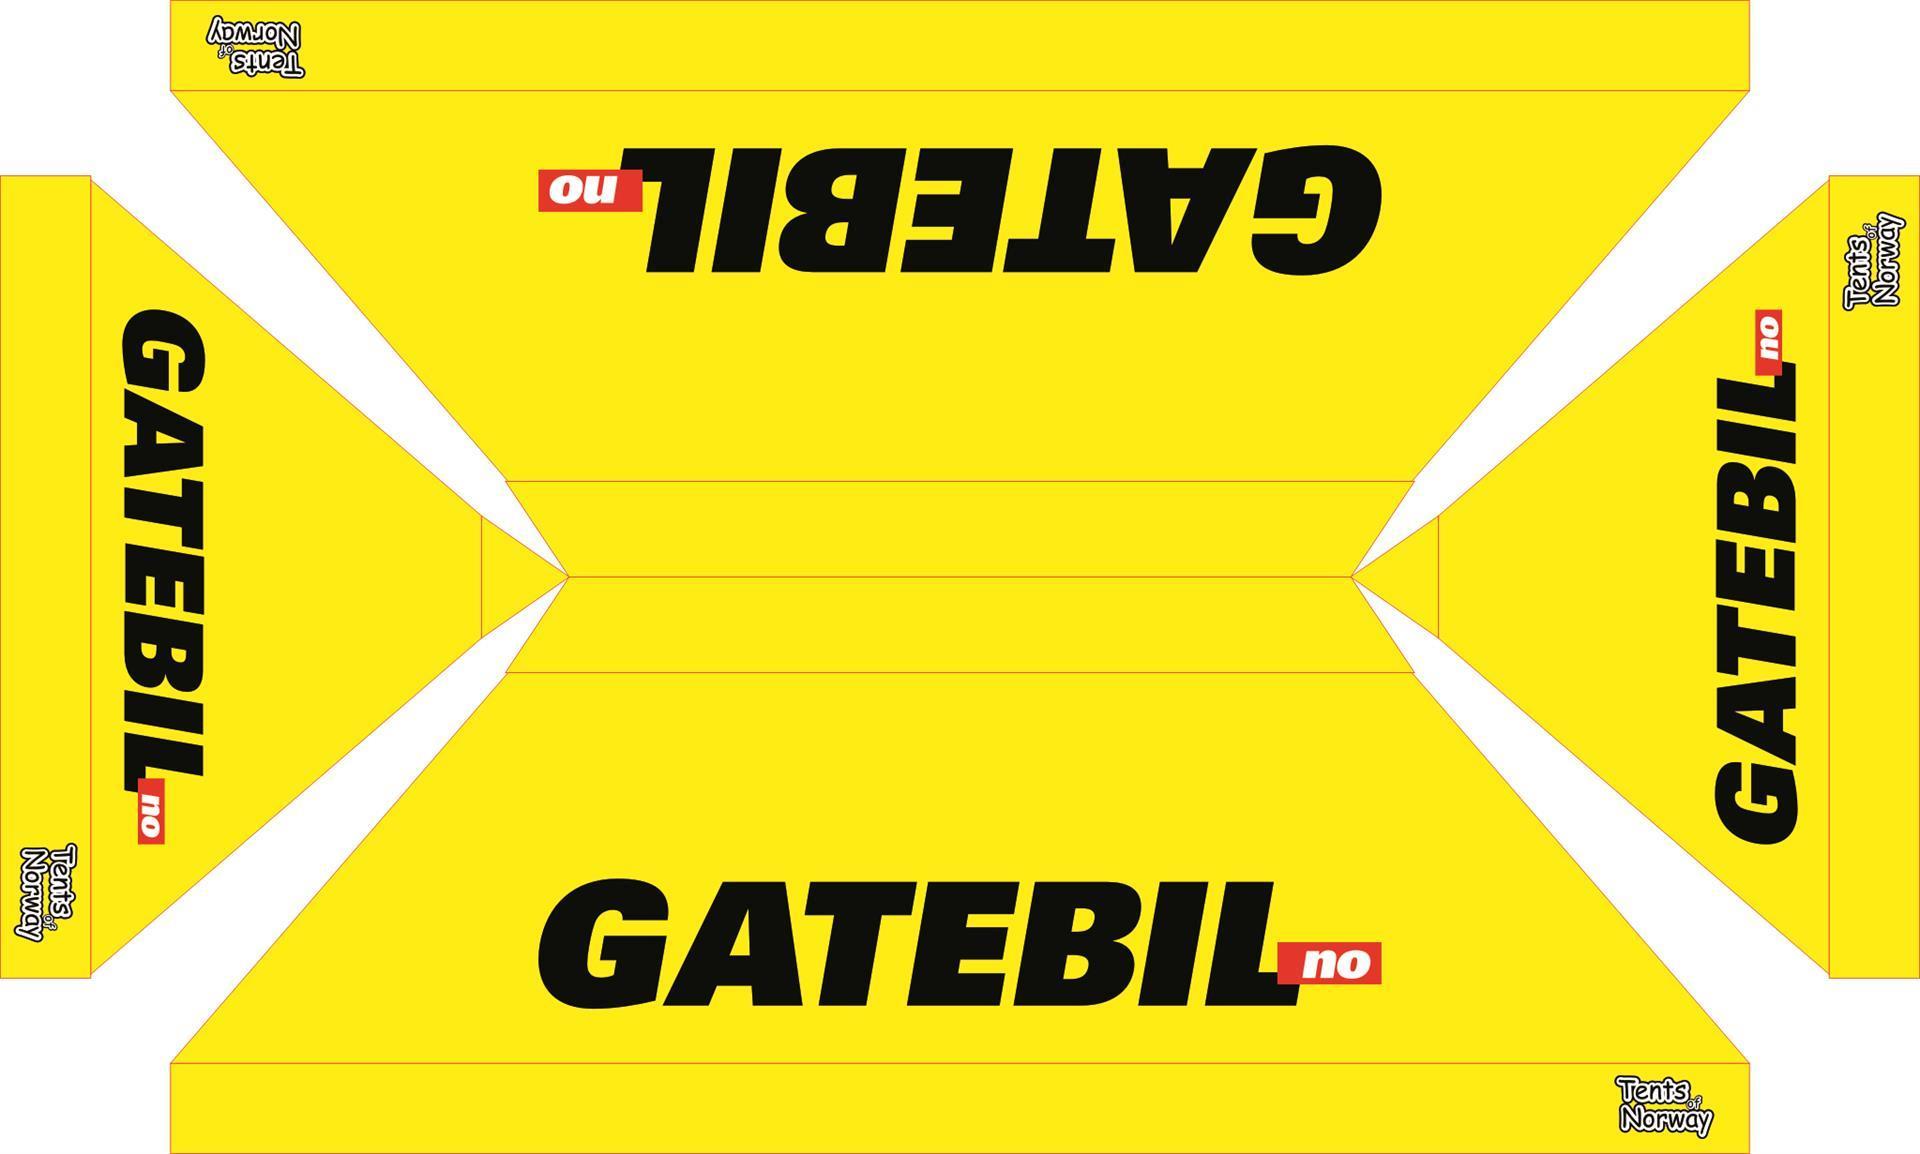 Gatebil AS